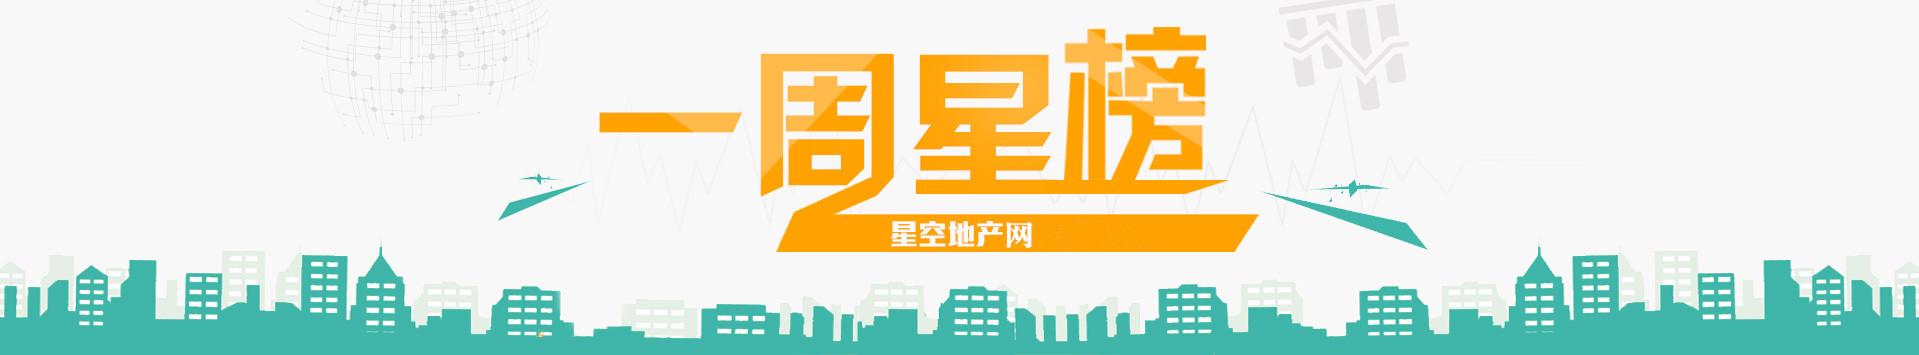 上海上周中高端楼盘集中成交